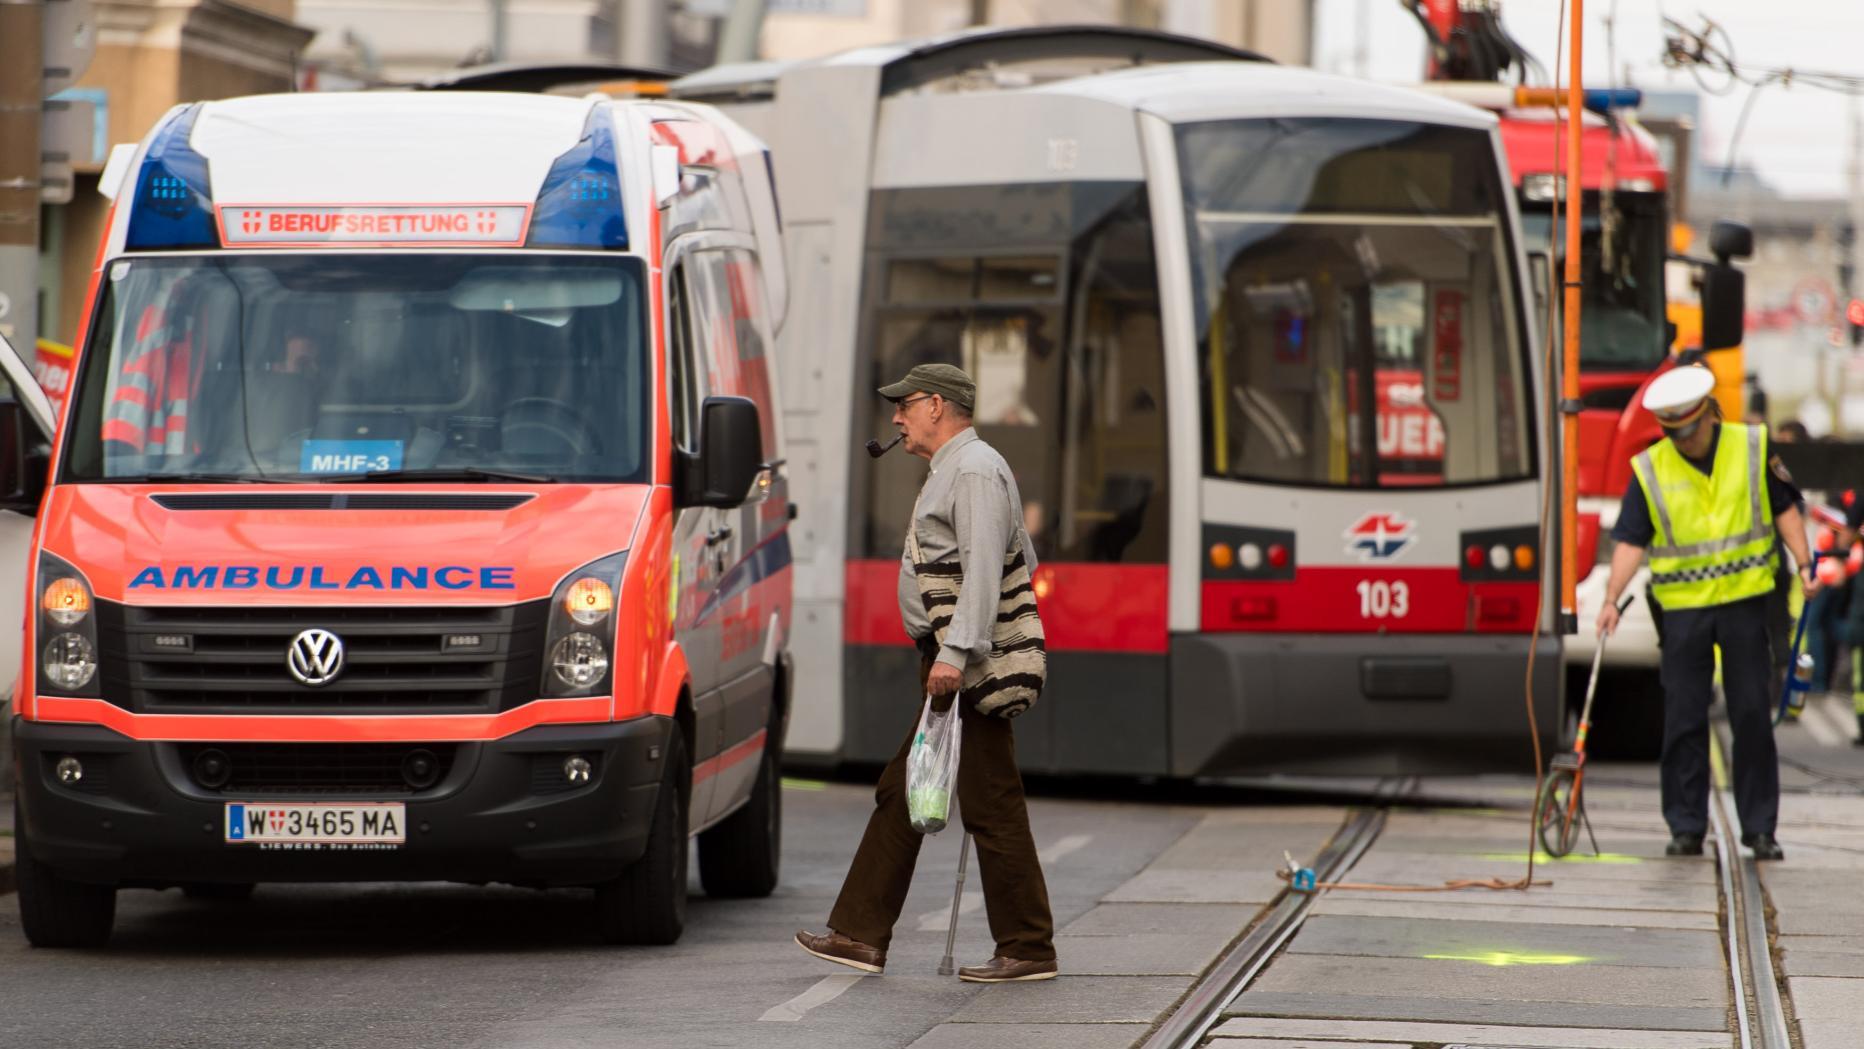 Partnersuche Sie Sucht Sie In Wien Meidling